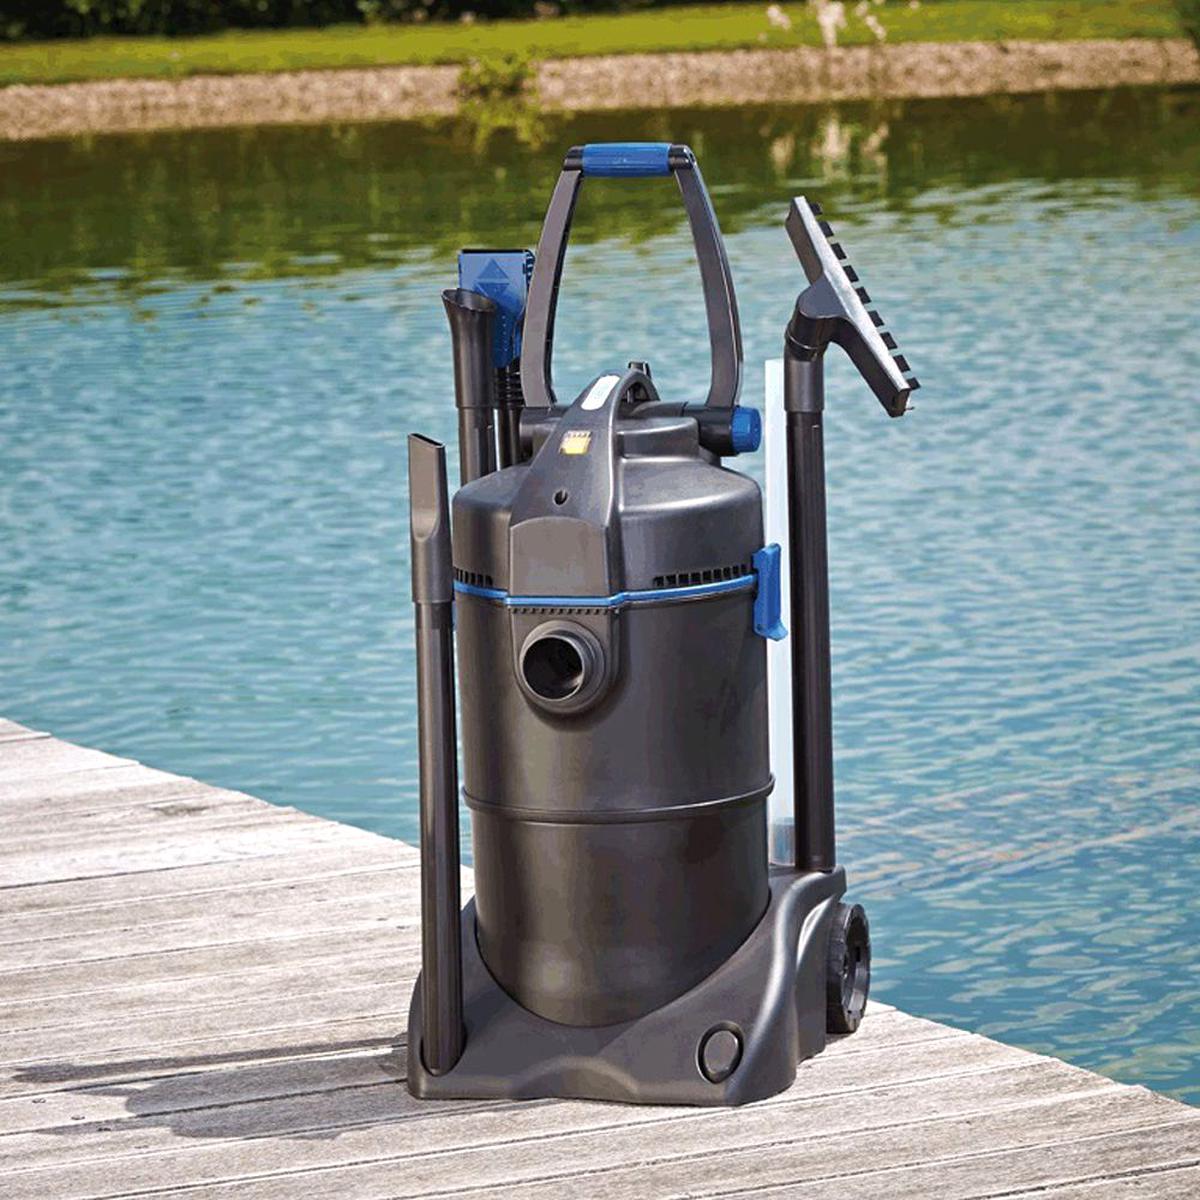 Oase PondoVac Classic Teichsauger zur Reinigung von Pools und Teichen 50529